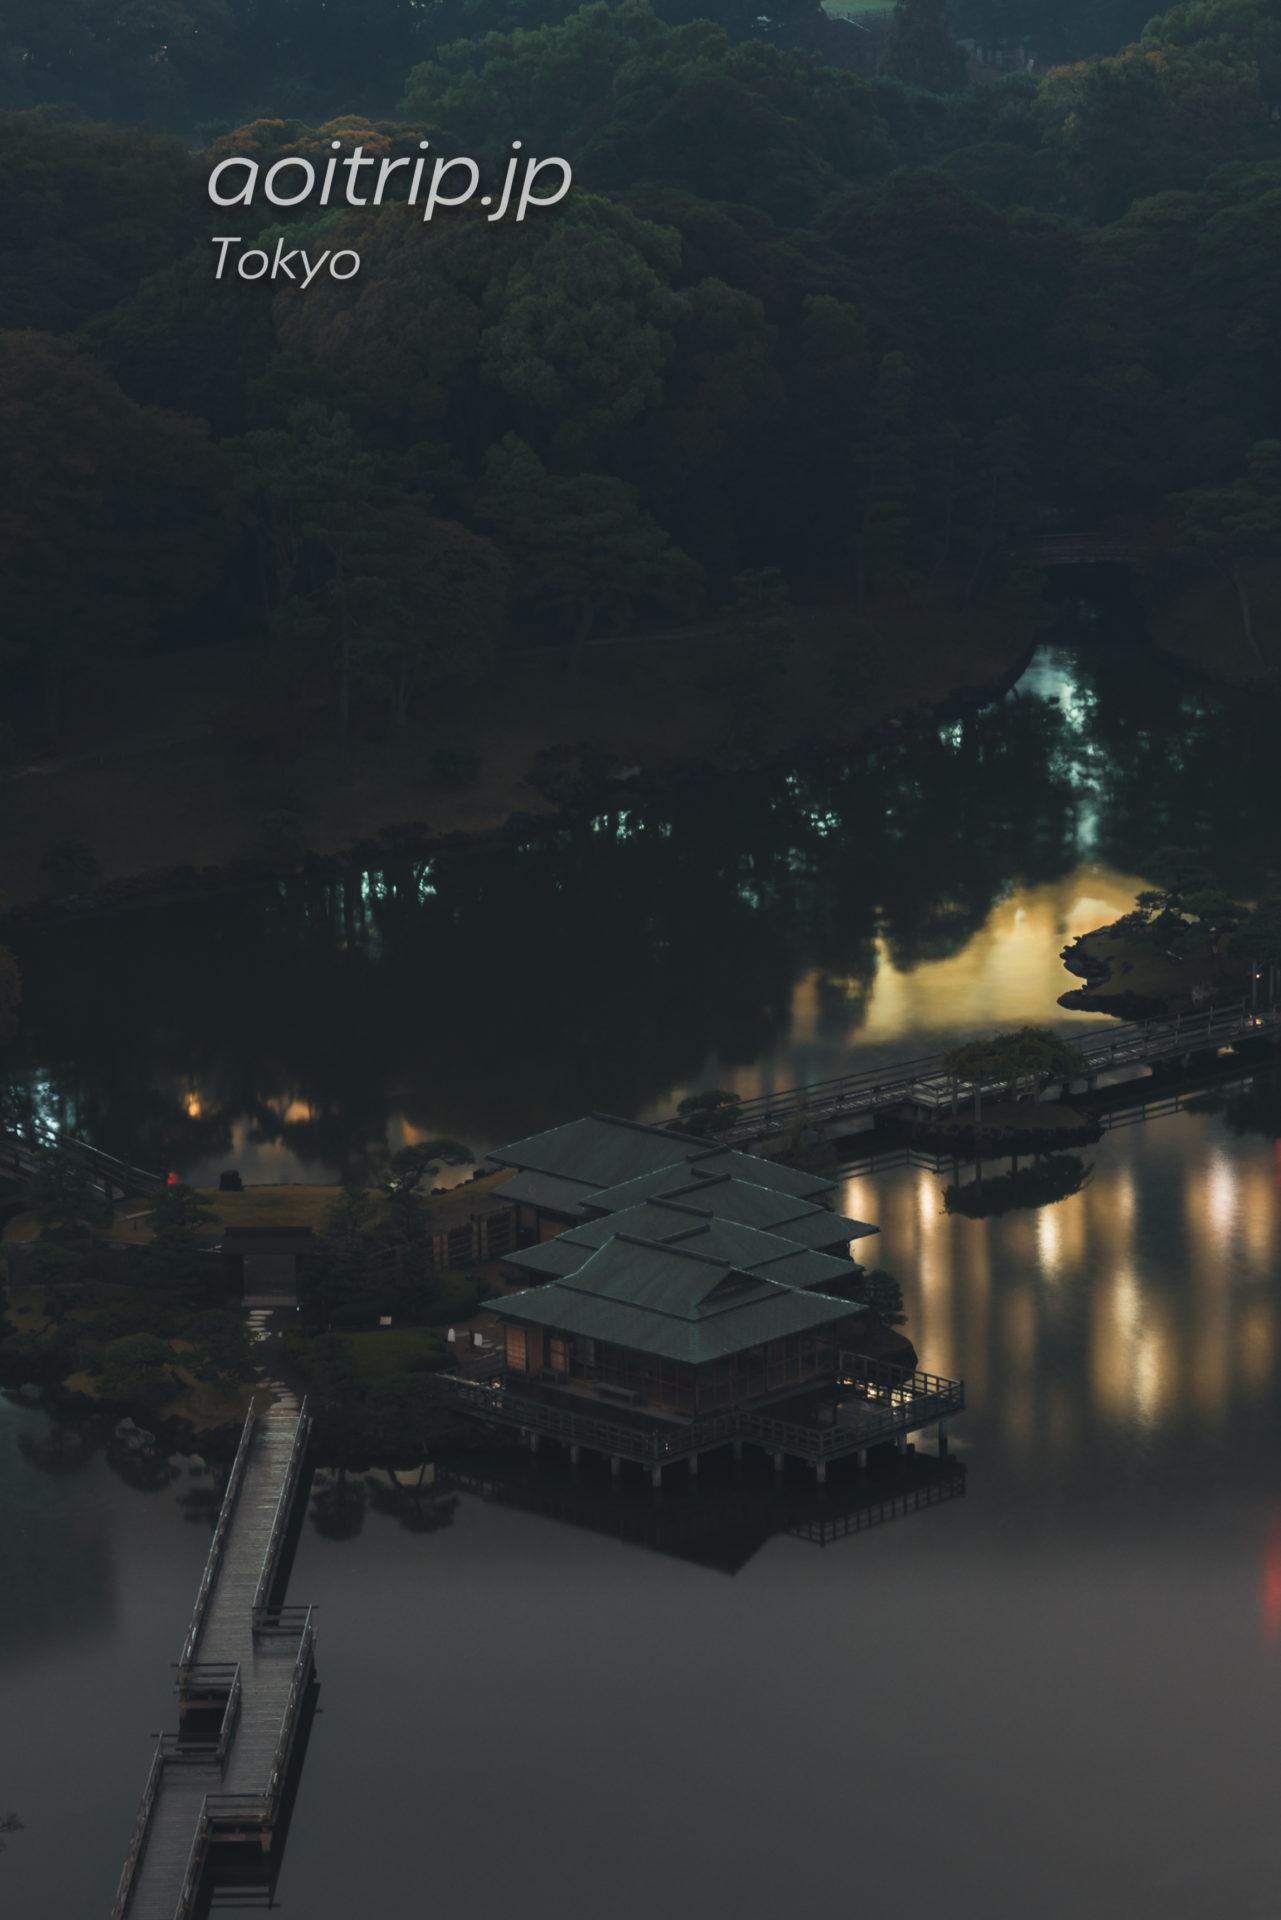 メズム東京から望む浜離宮恩賜庭園